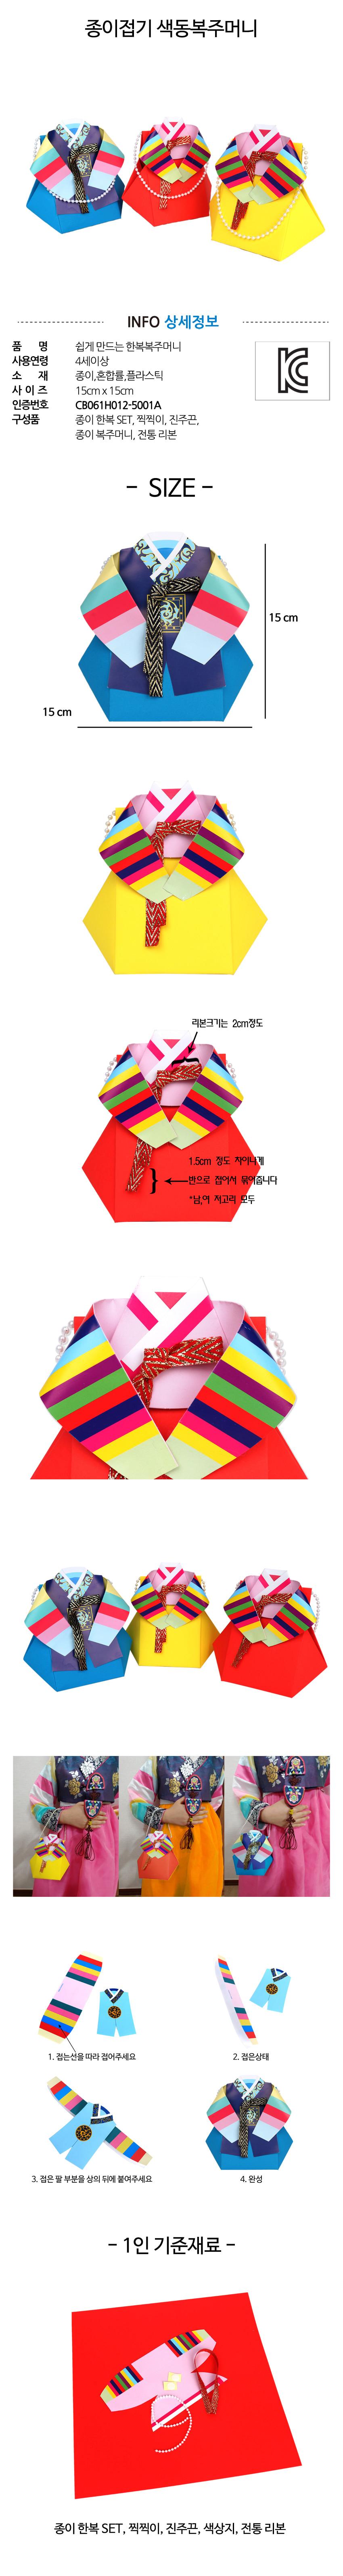 종이접기 색동복주머니 5인용 - 미술샘, 6,500원, 종이공예/북아트, 종이공예 패키지